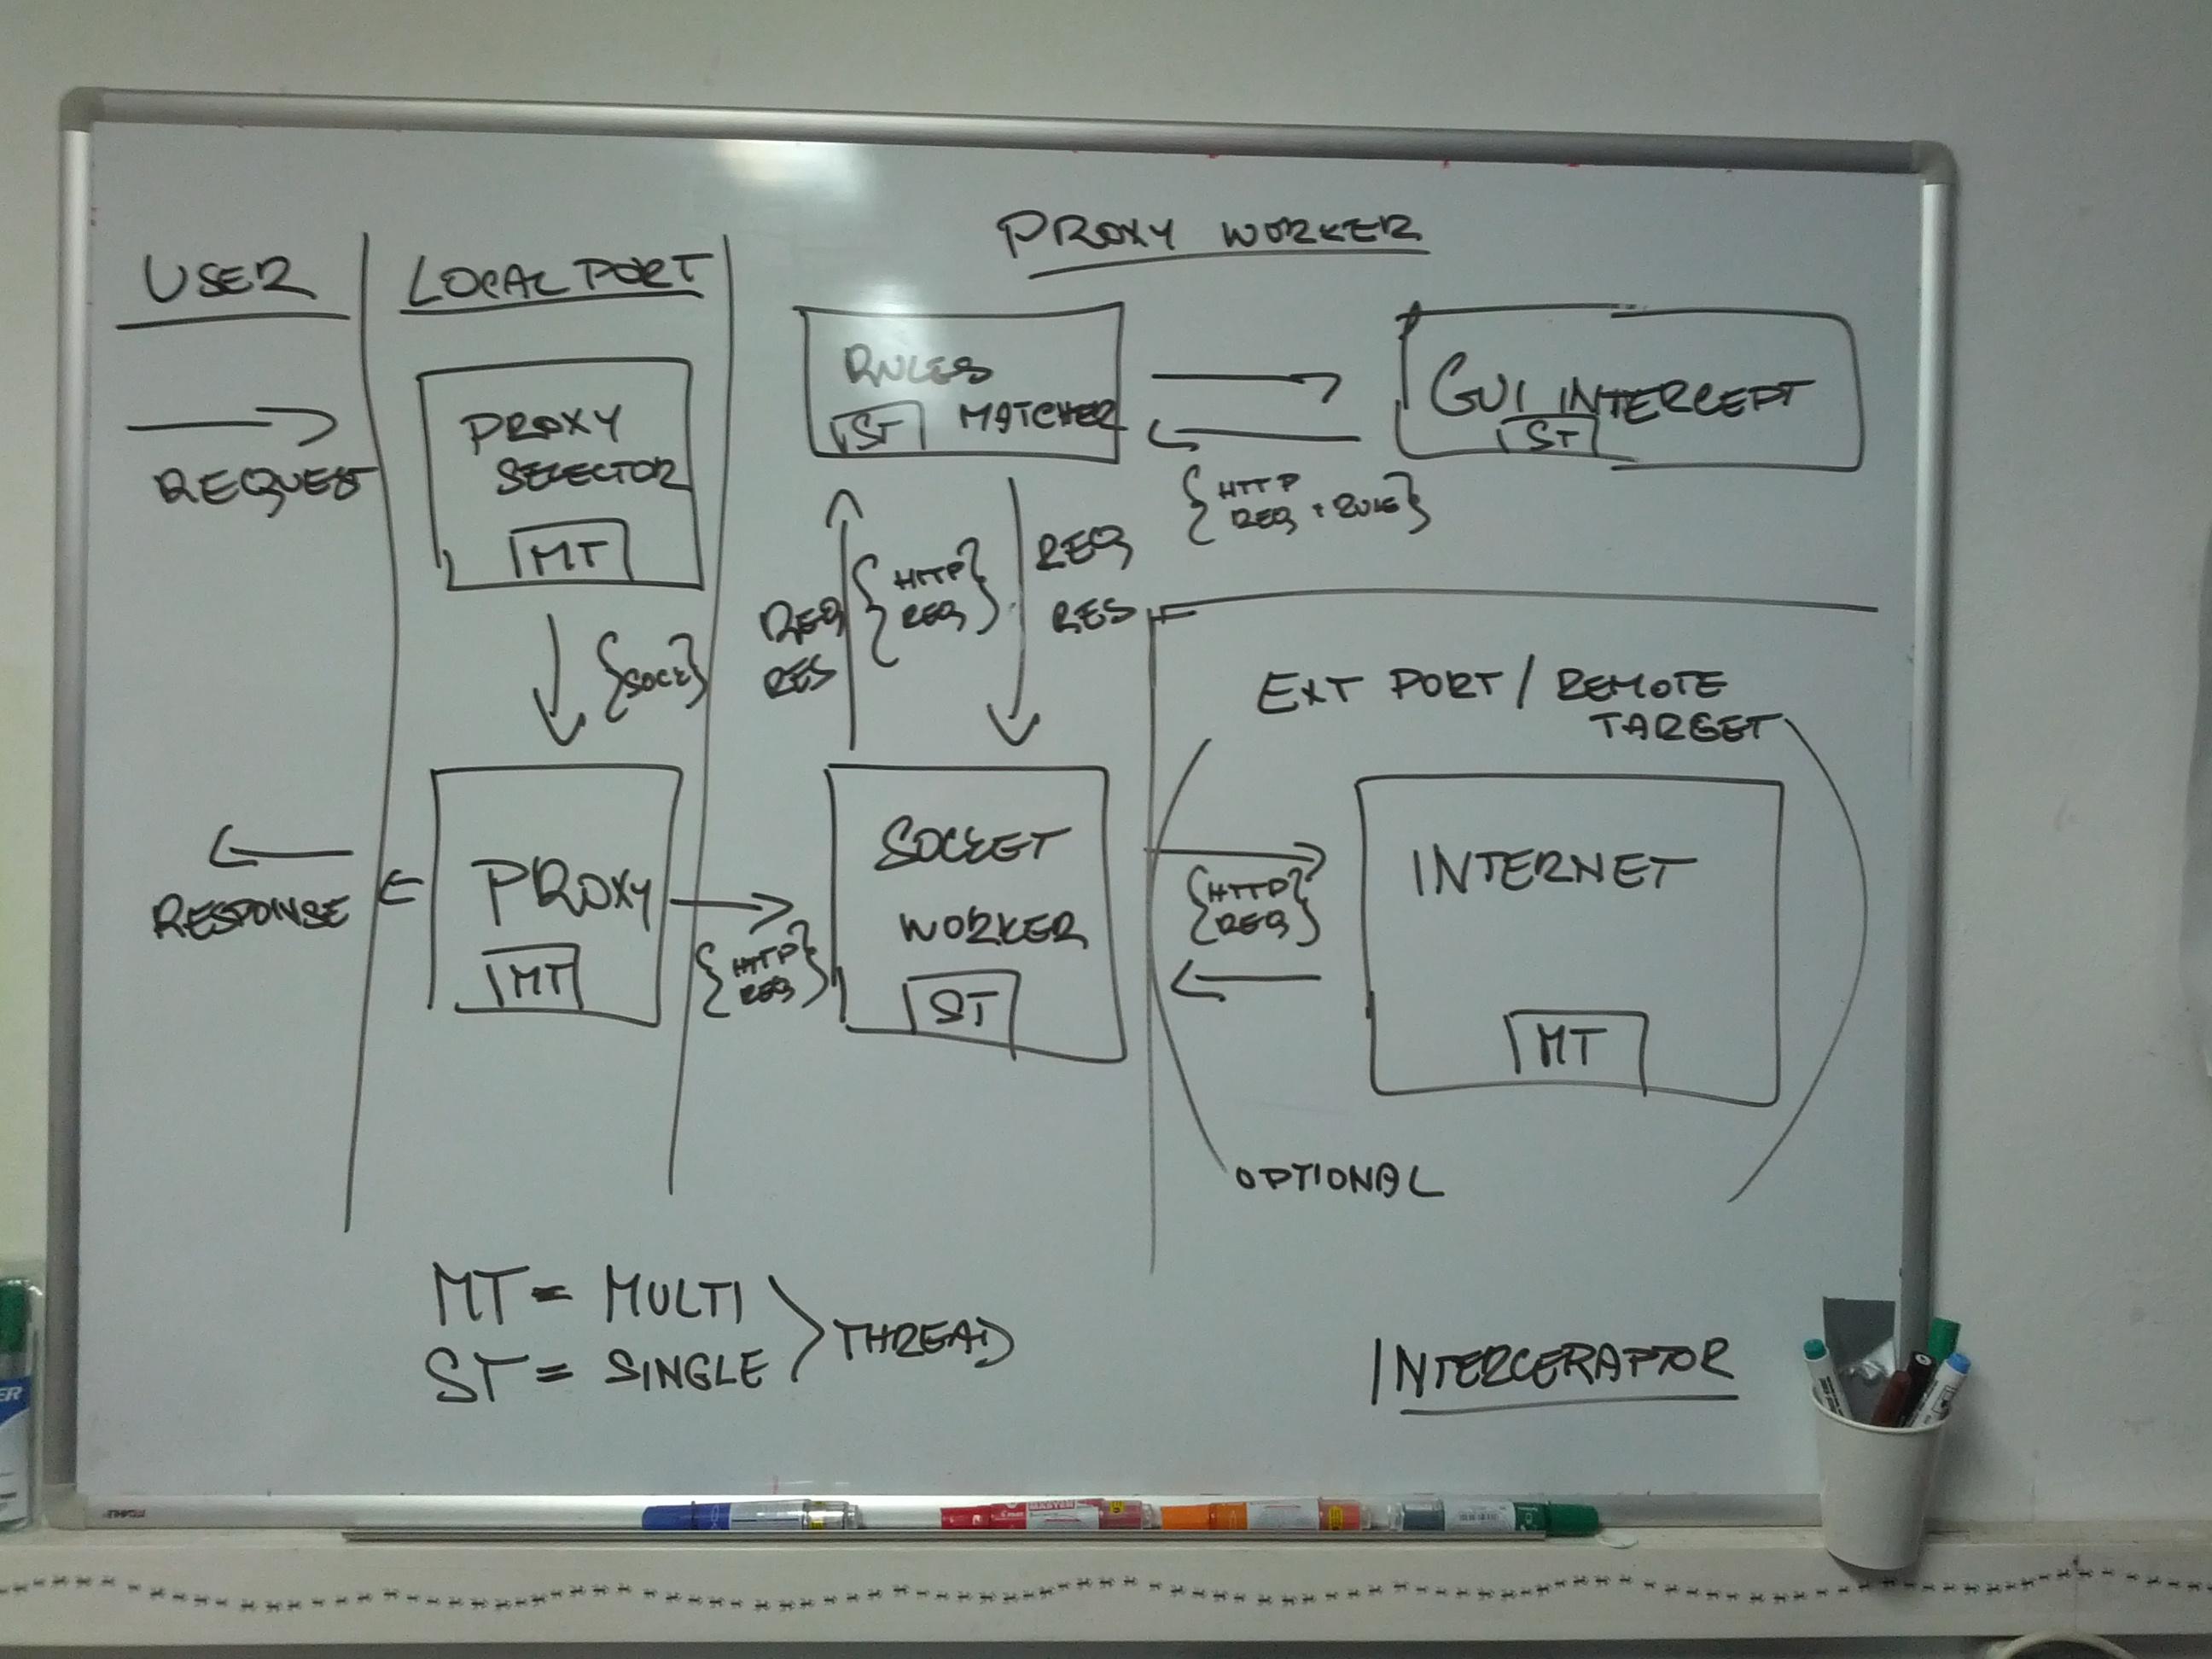 Thread schema